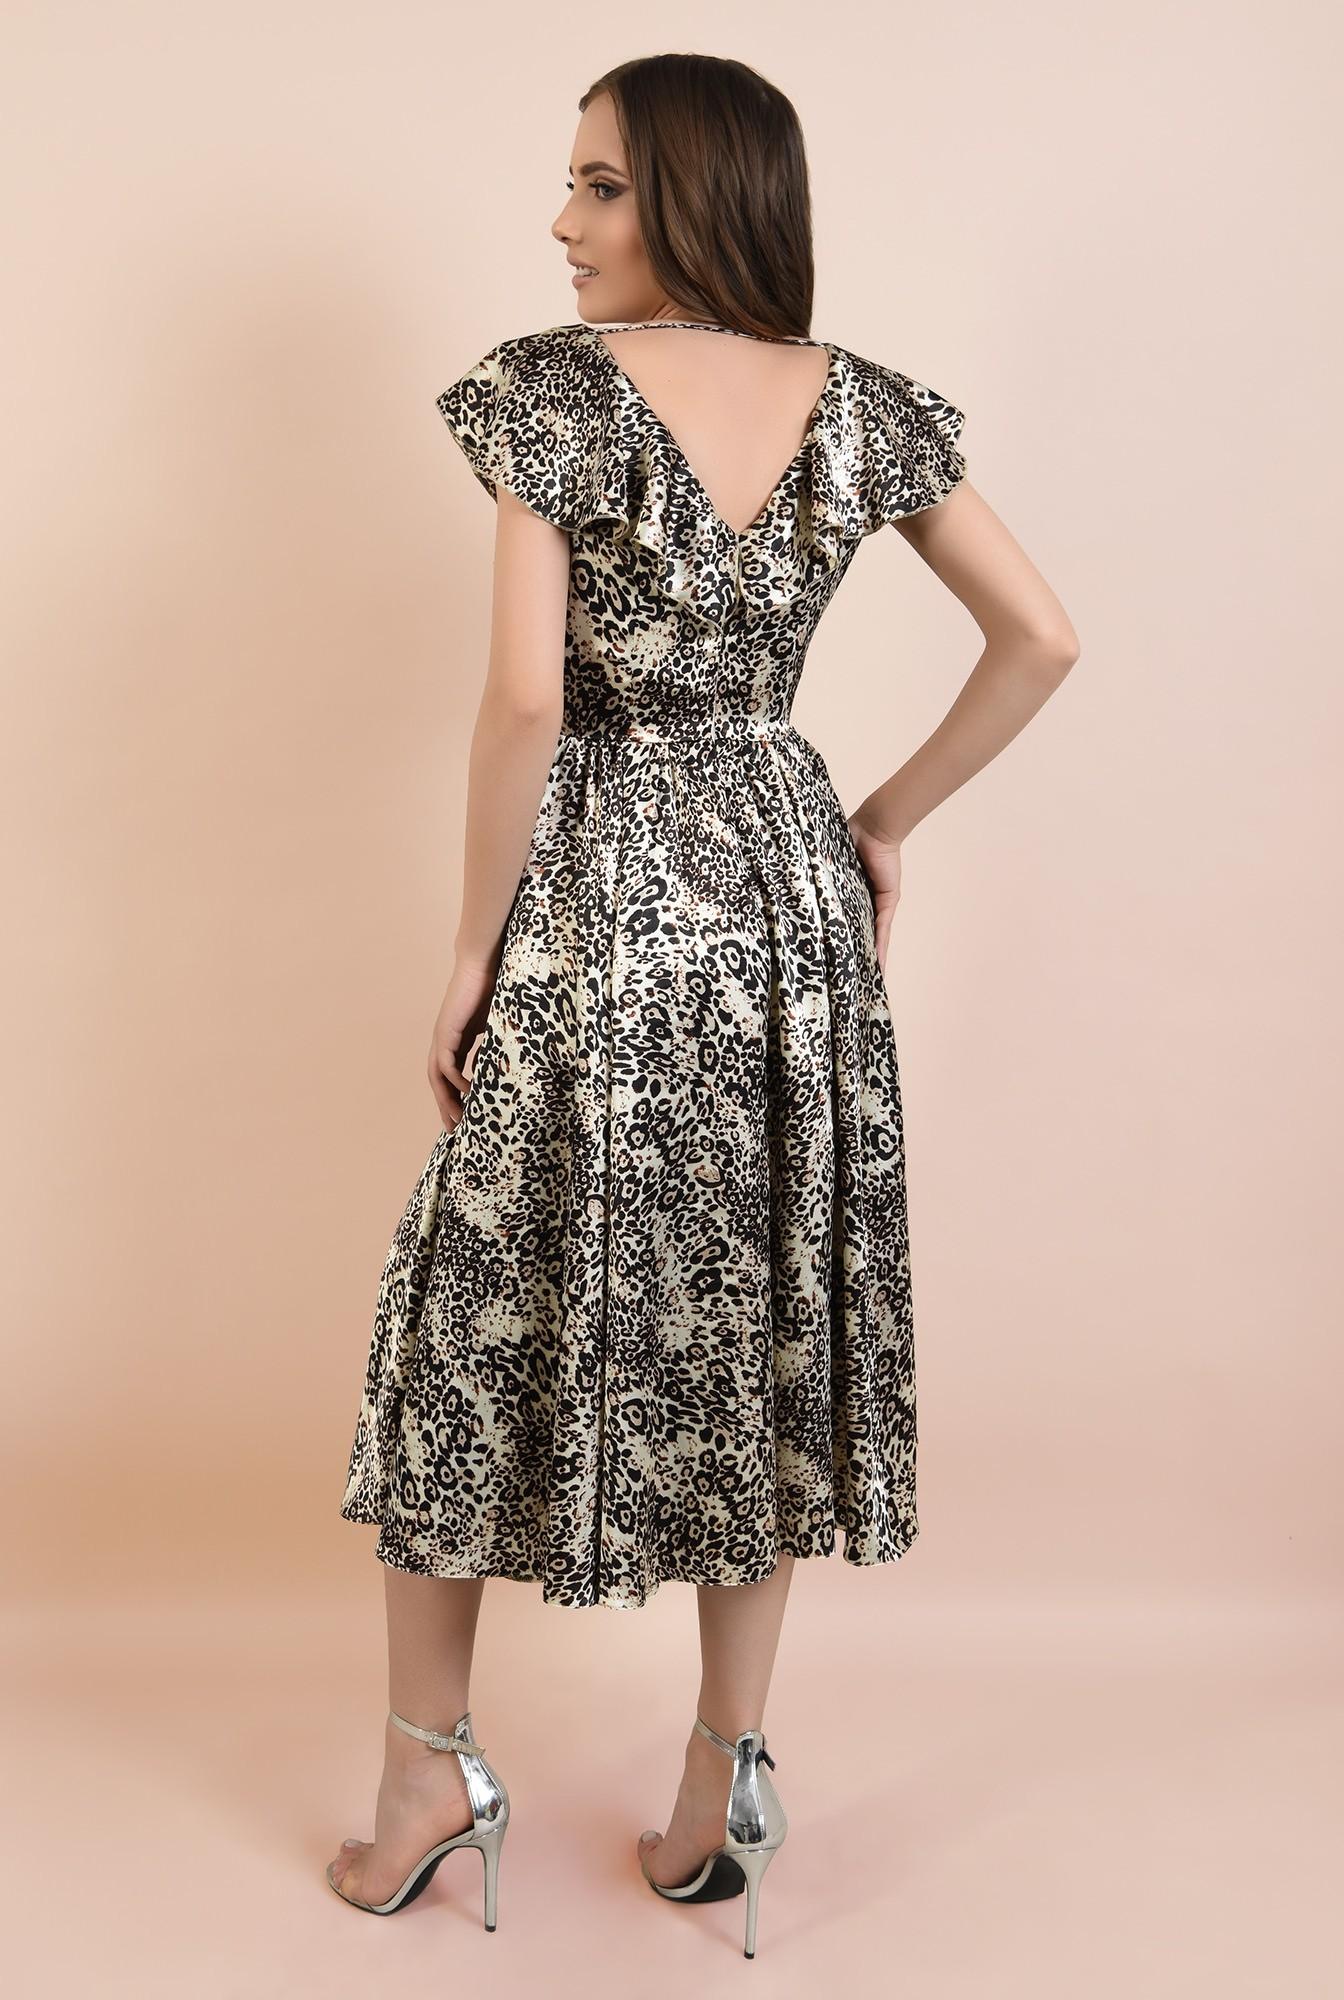 1 - rochie eleganta, din satin imprimat, cu volane, croi clos